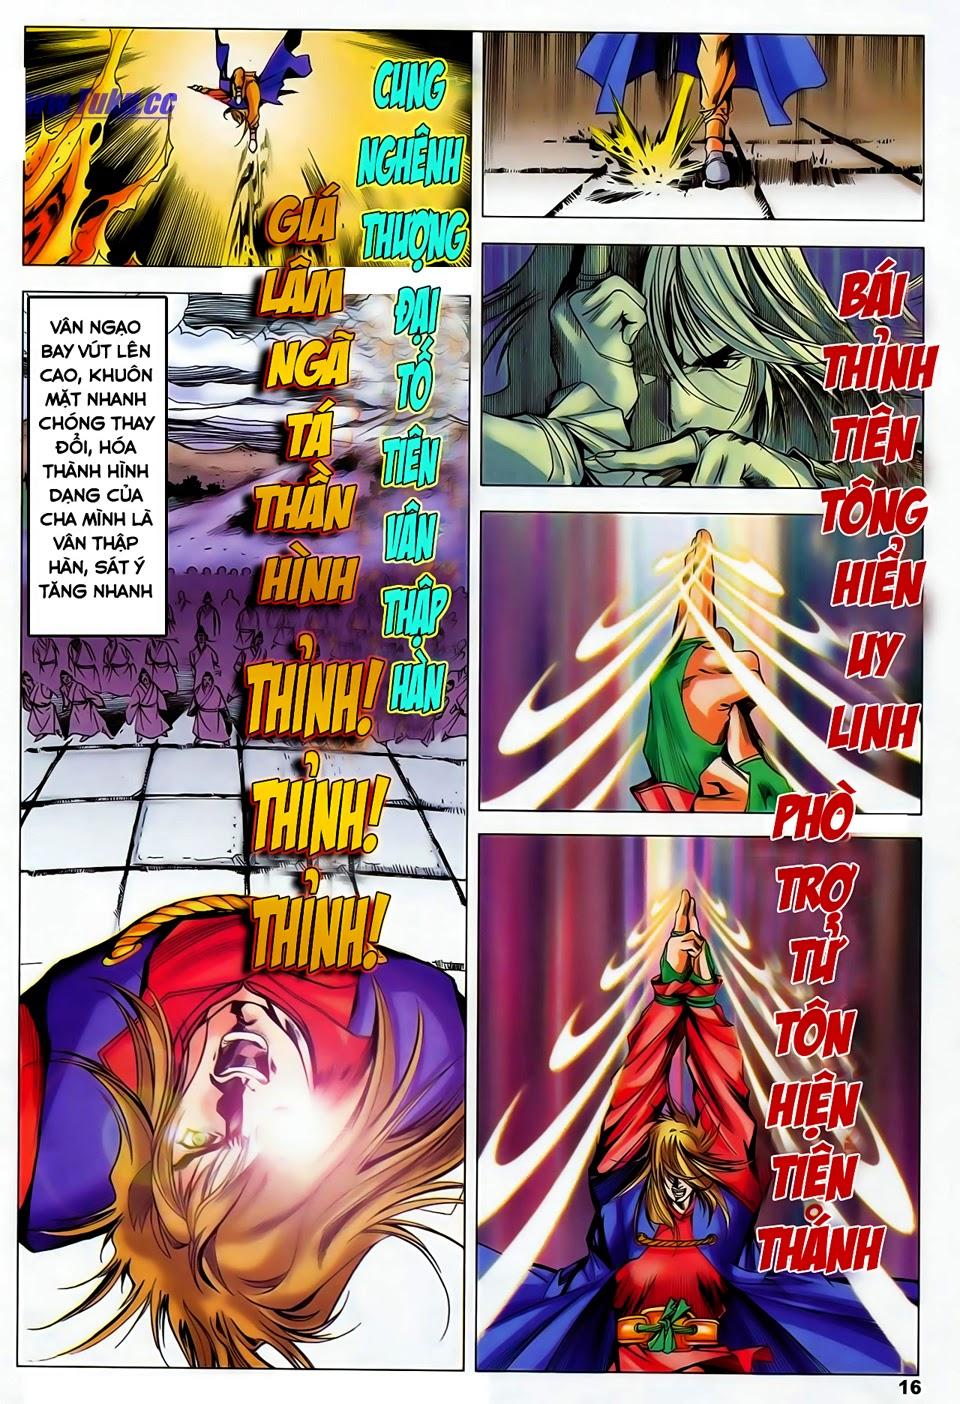 Lục Đạo Thiên Thư chap 37 - Trang 16